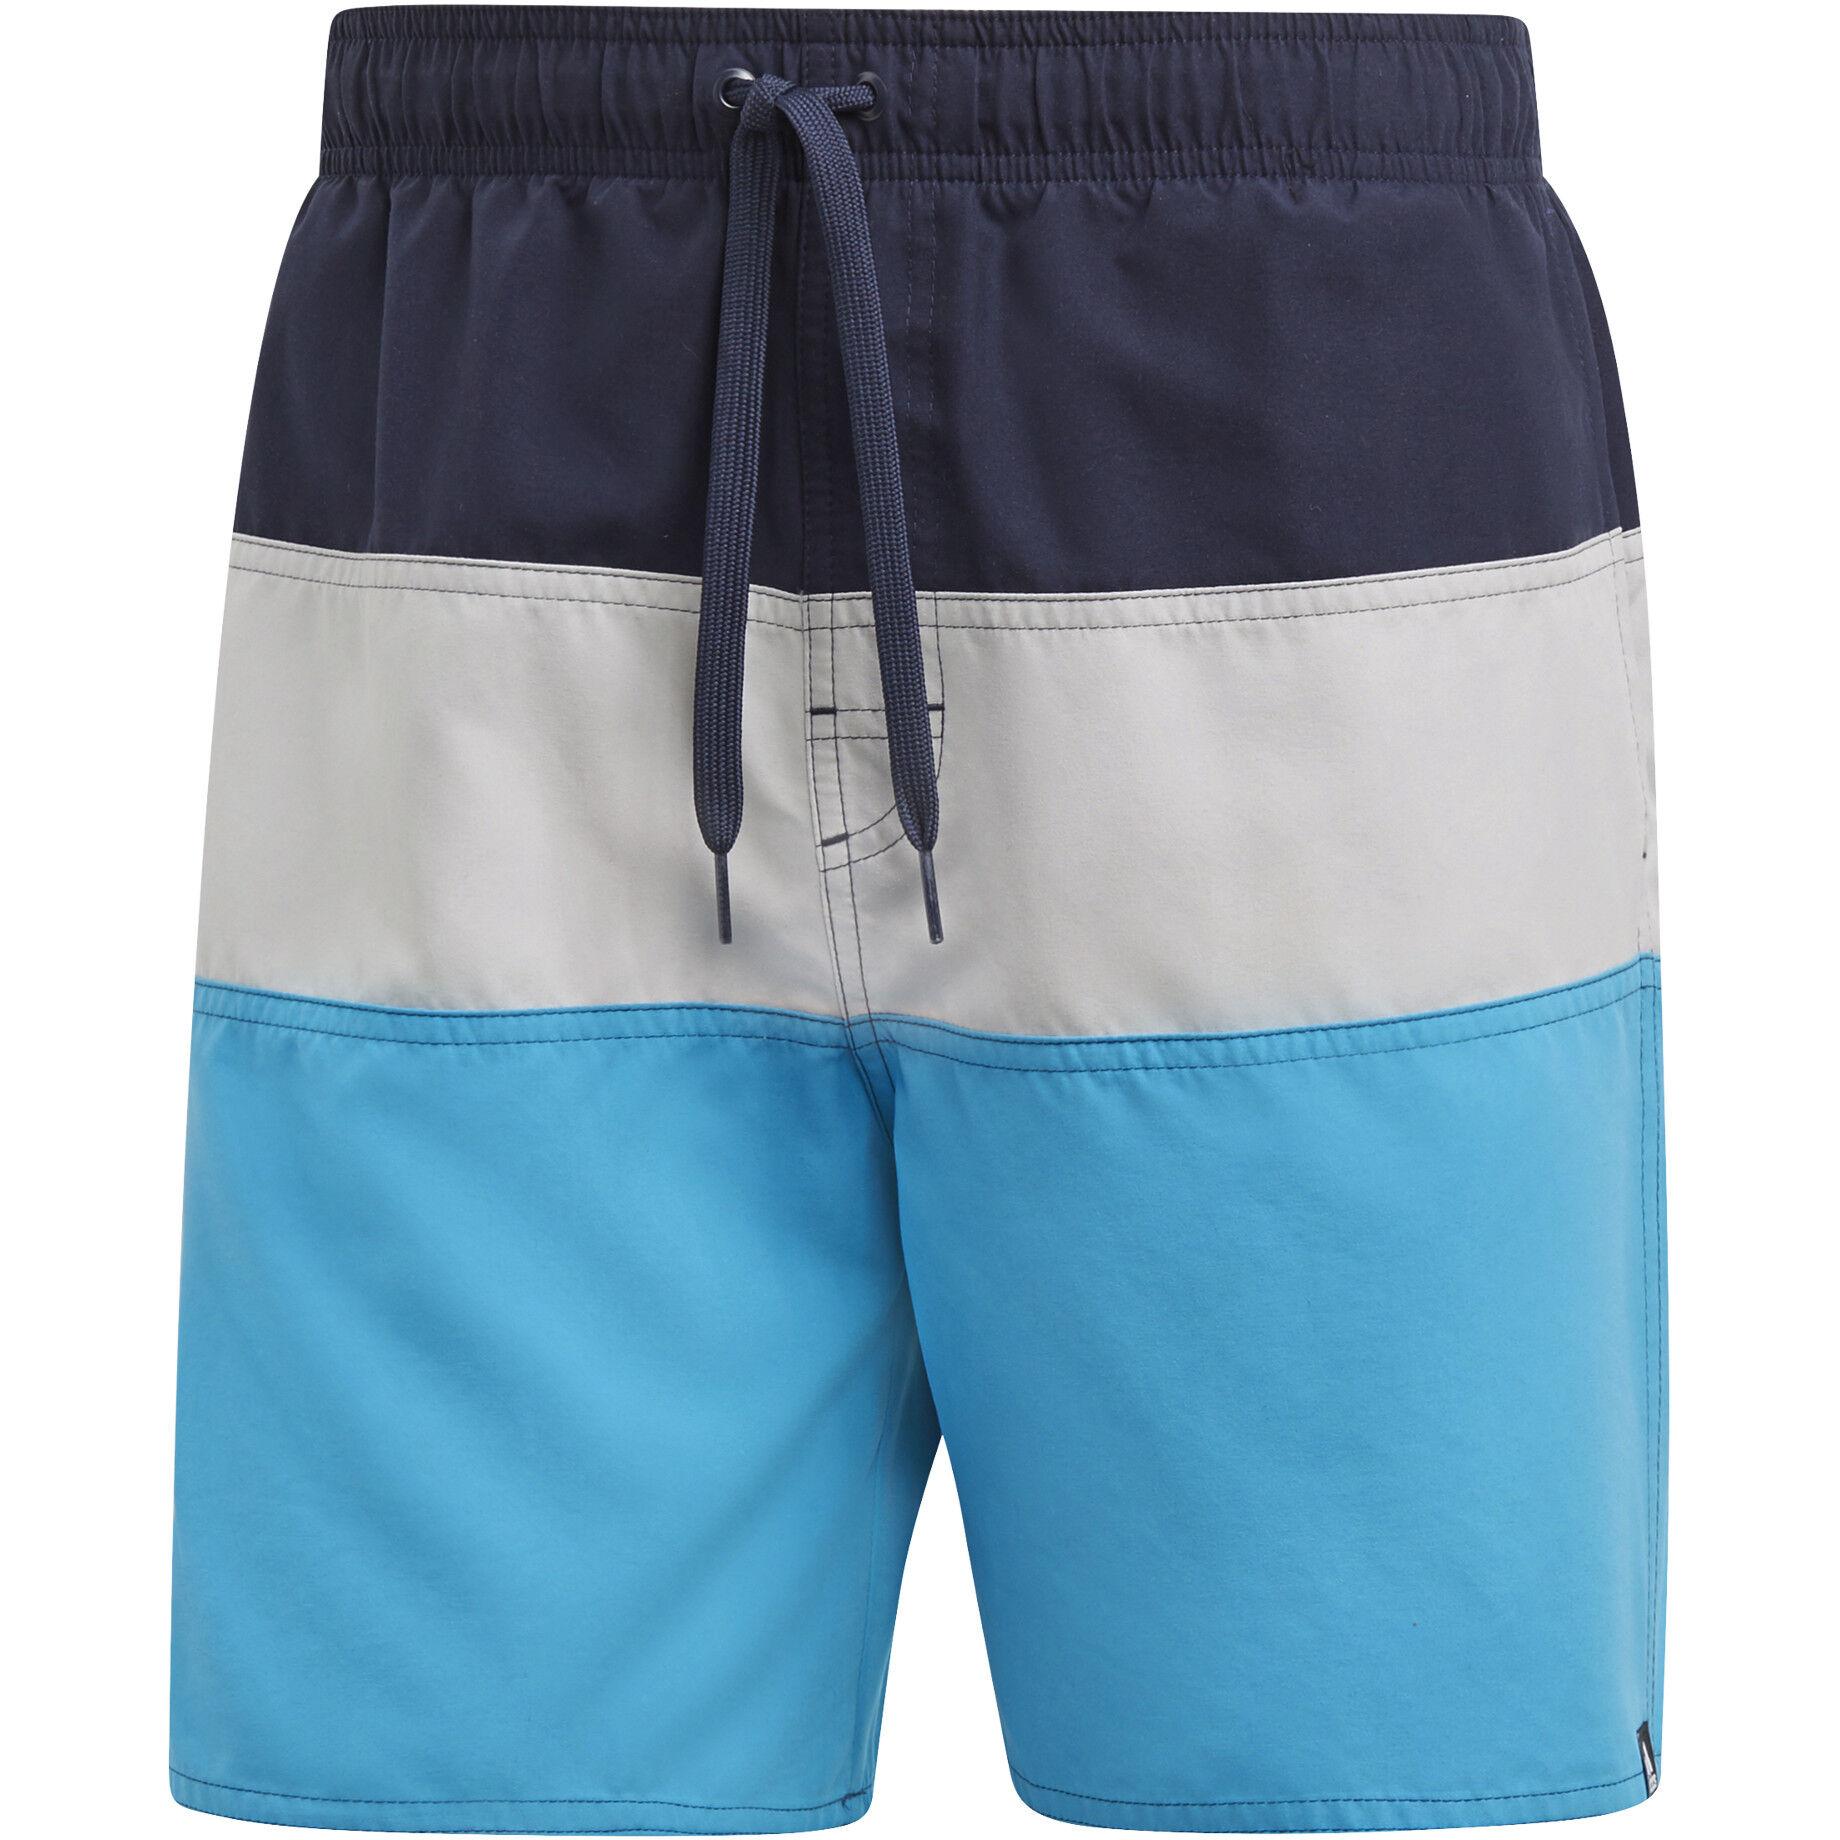 adidas Solid SL Shorts Herren legend ink Größe L